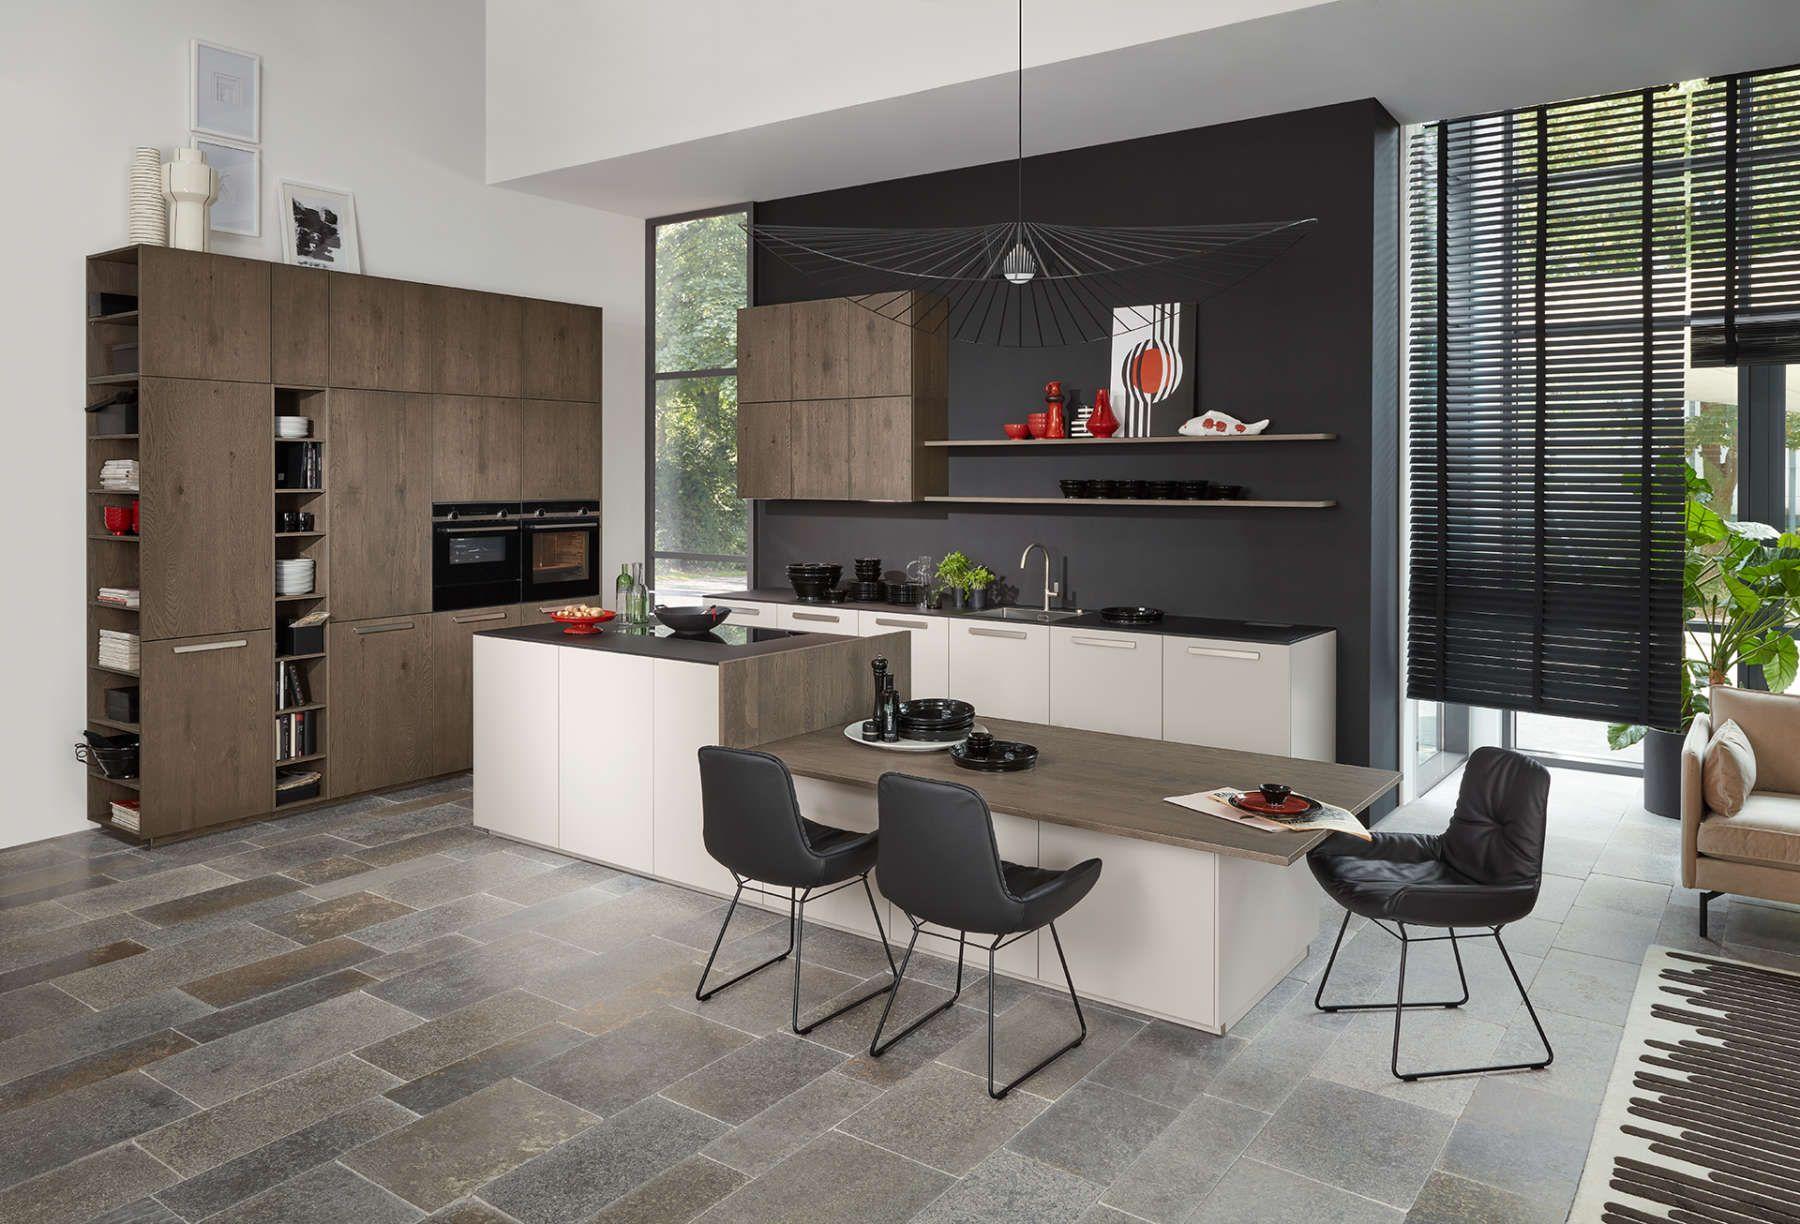 Moderne Kuchen Gfrerer Kuchen Qualitatsmobel Moderne Kuche Wohnung Kuche Kuchenstil